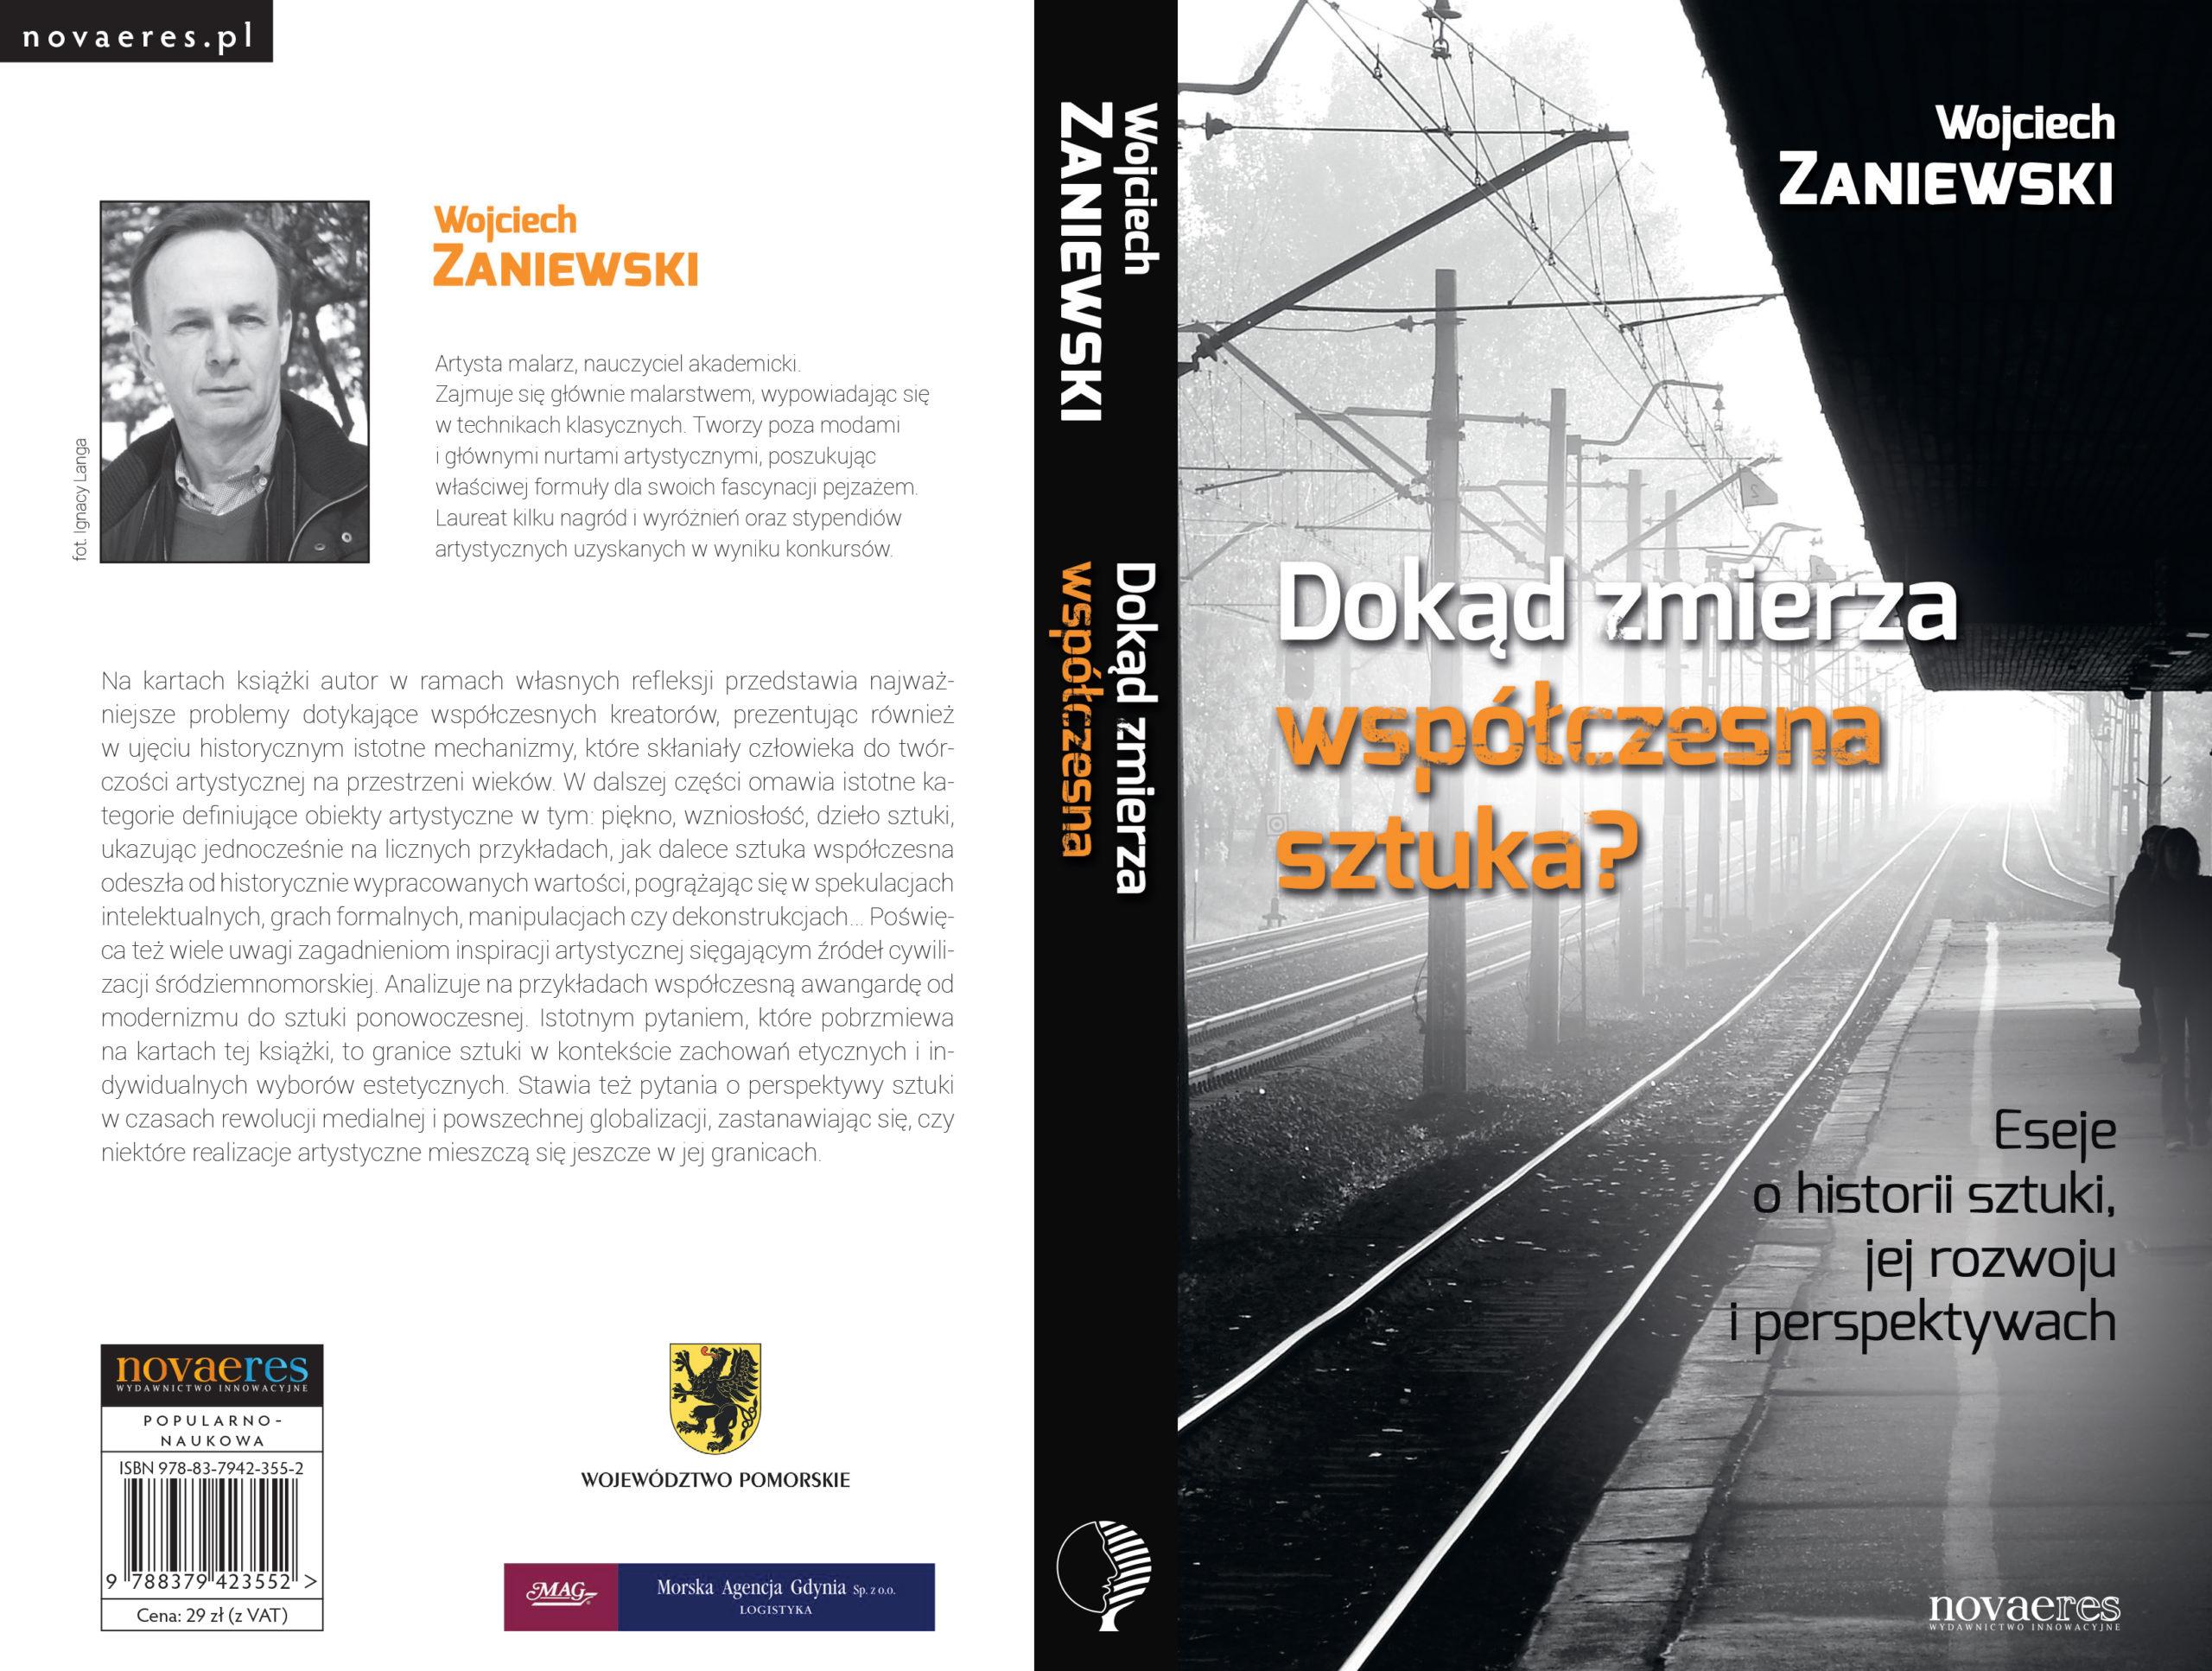 Okładka książki - Dokąd zmierza współczesna sztuka... wyd. NovaeRes, Gdynia 2014